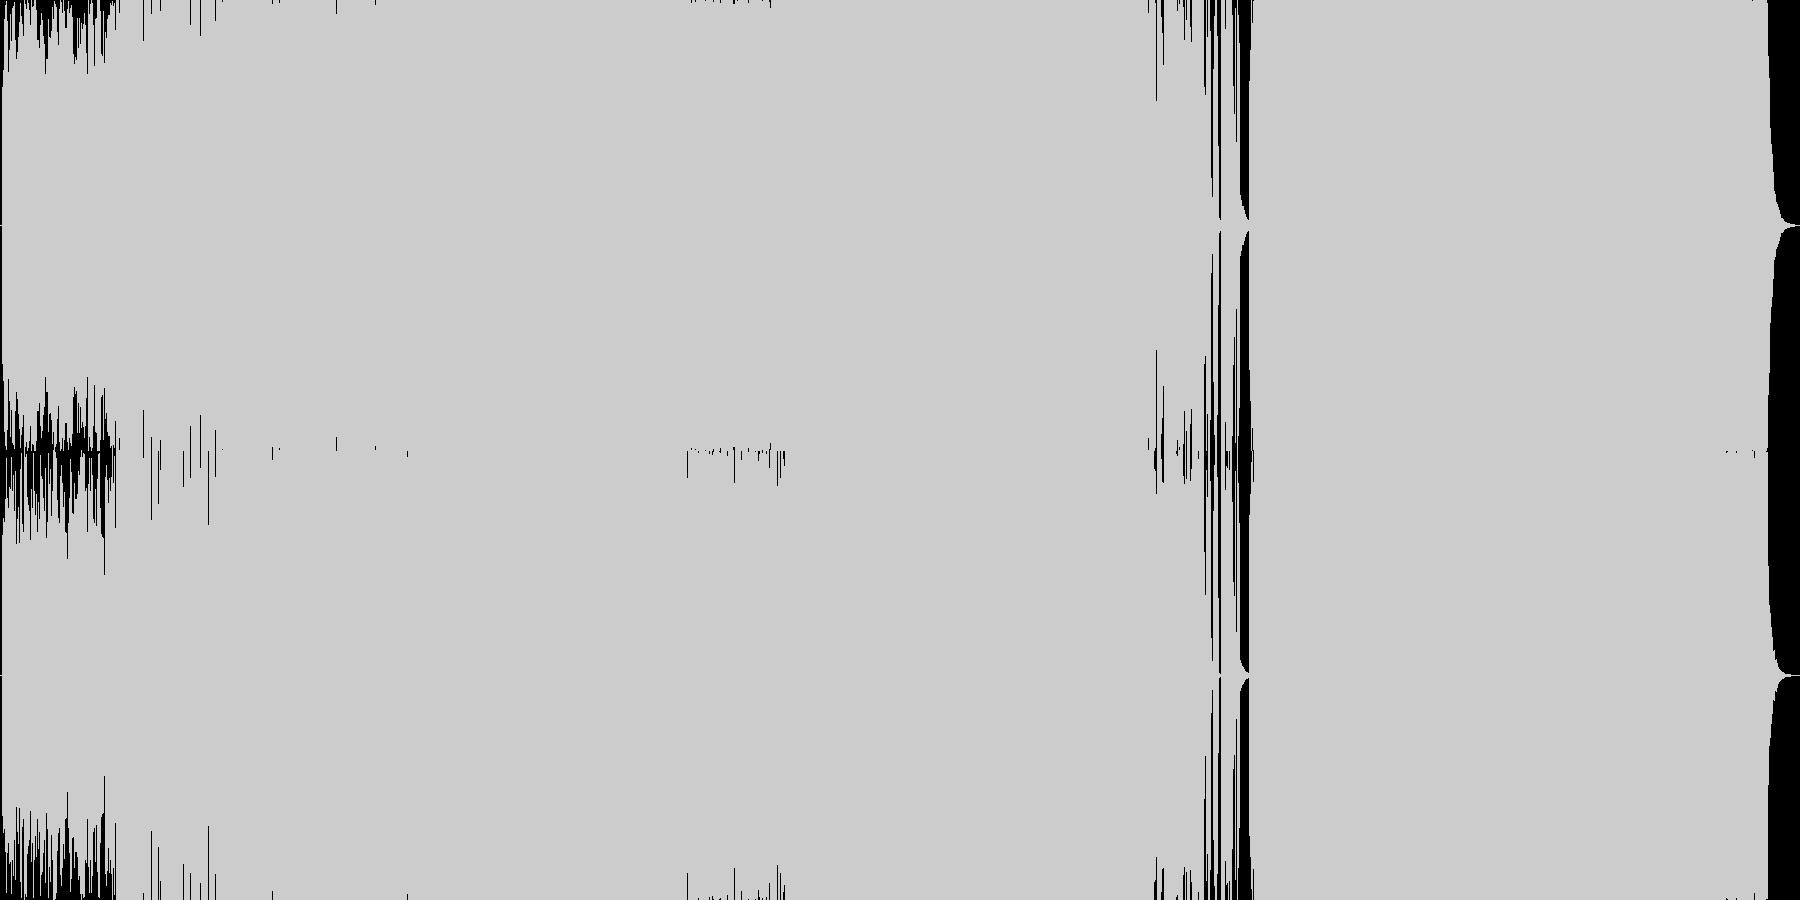 映像・テレビBGM向けEDMの未再生の波形